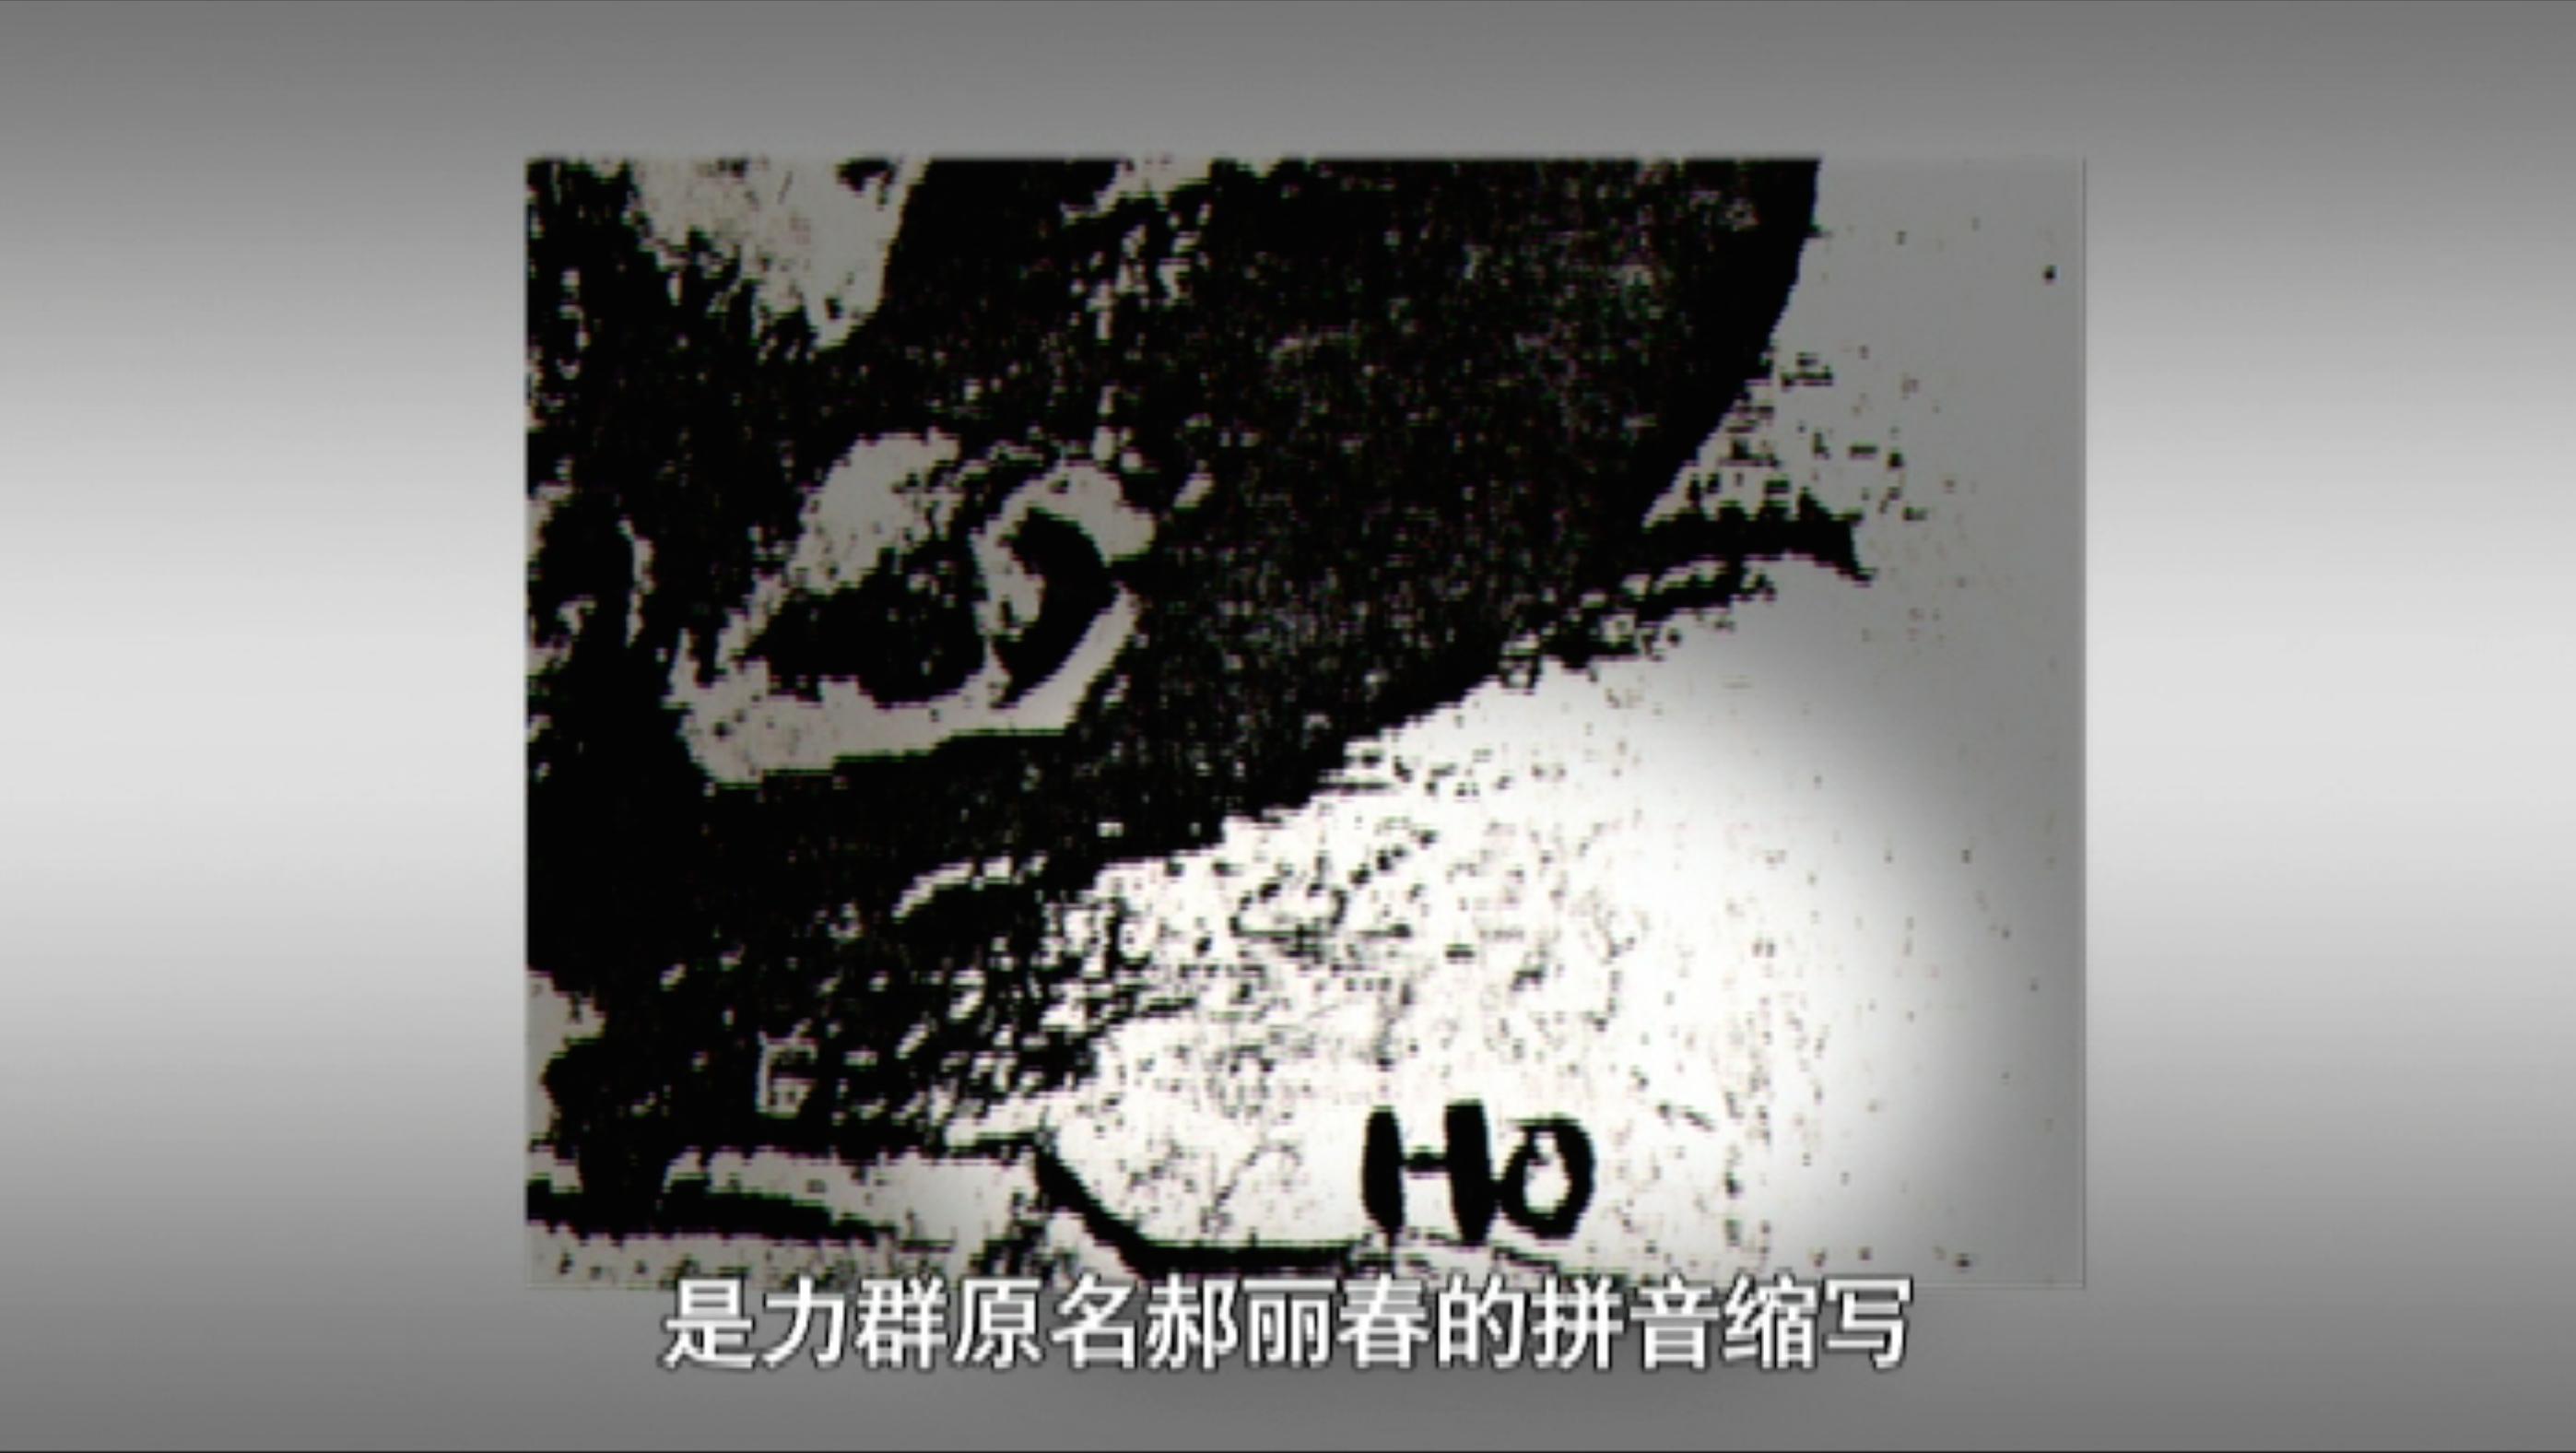 鲁迅先生是中国新文化运动的旗.png